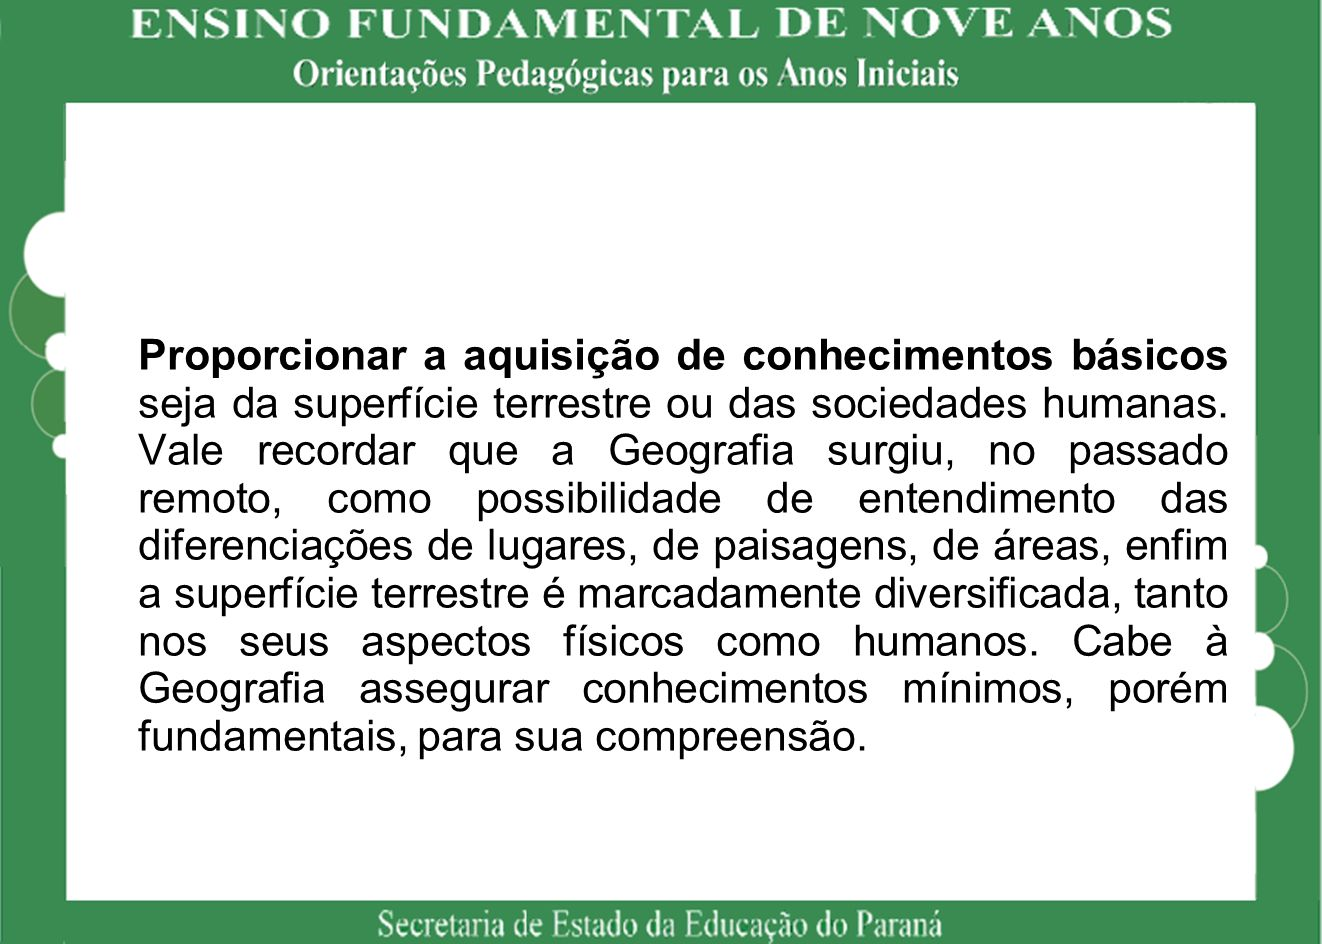 Proporcionar a aquisição de conhecimentos básicos seja da superfície terrestre ou das sociedades humanas.